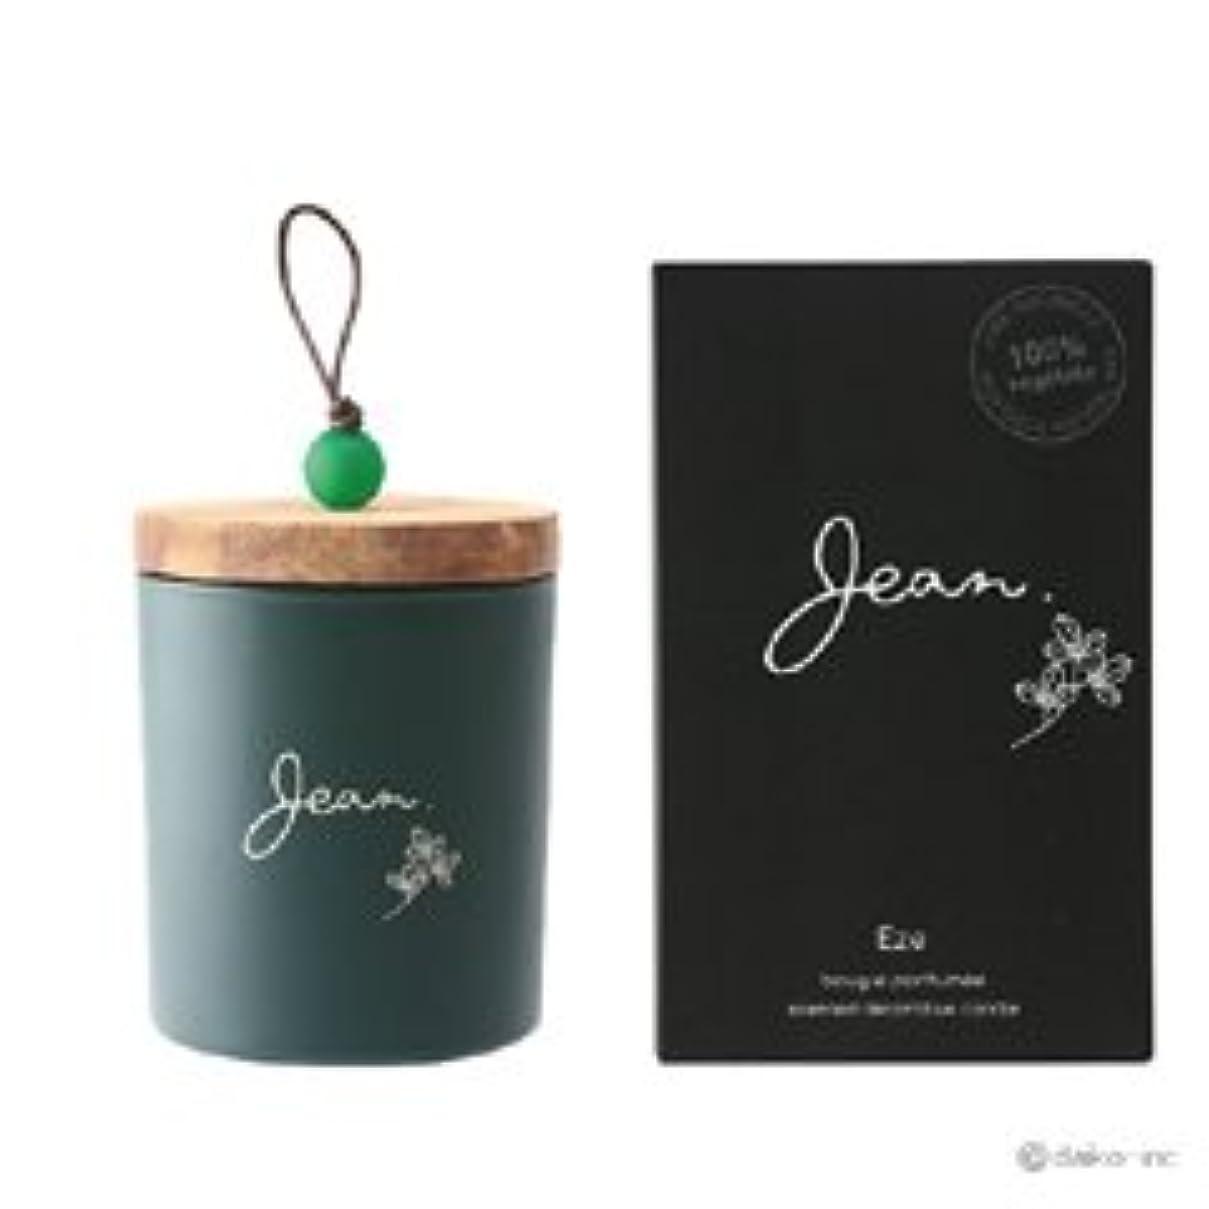 農場プレフィックス大事にするJean.(ジャン)センテッドキャンドル エズ